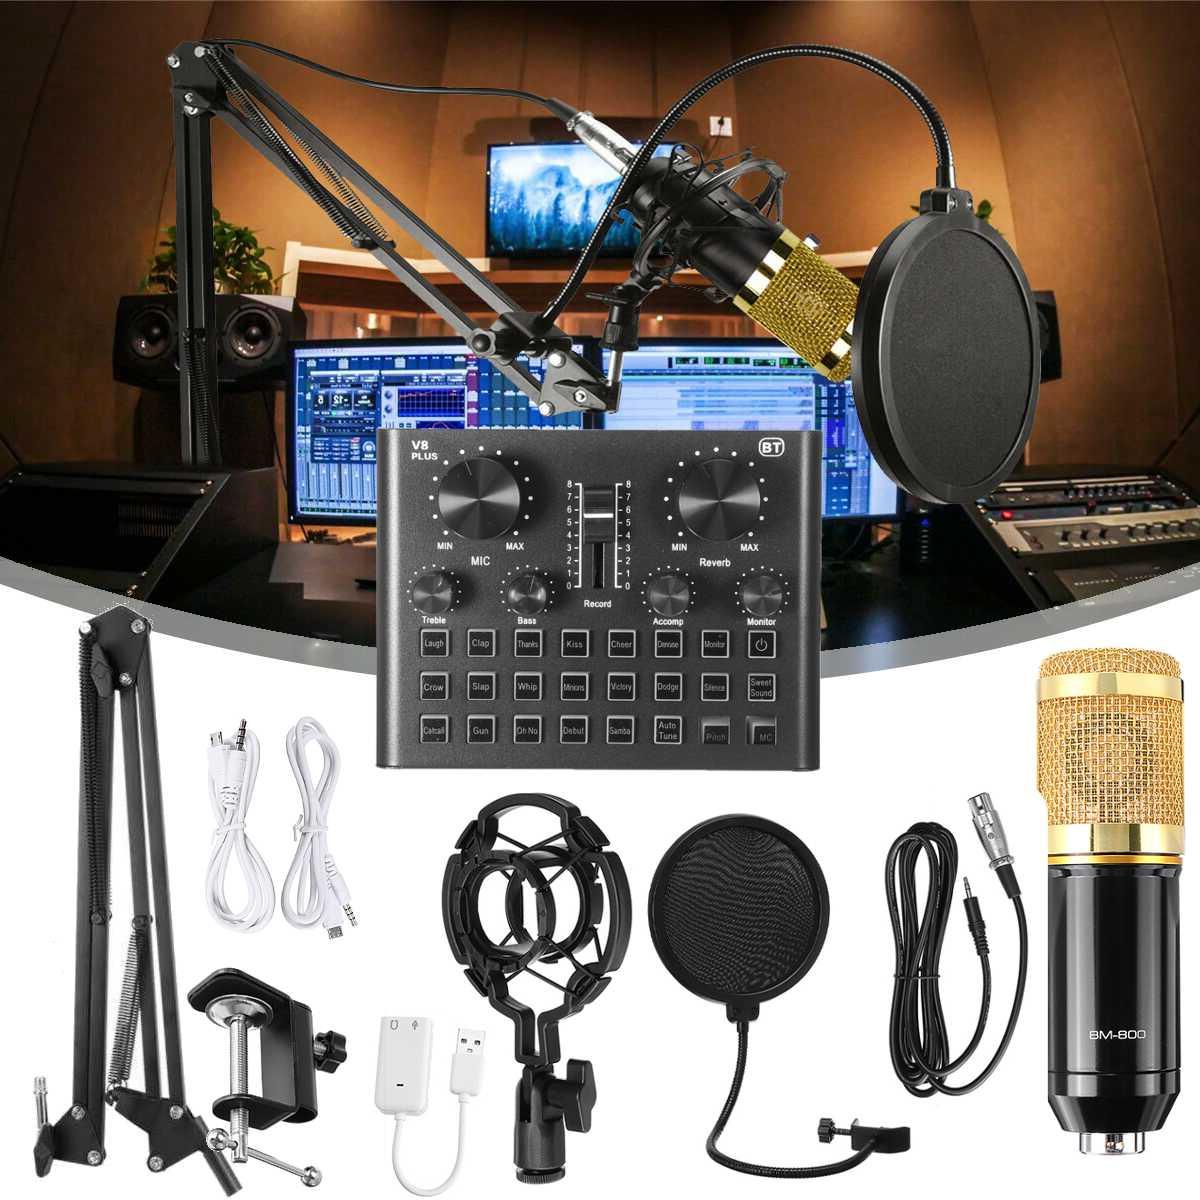 V8 زائد BM800 برو ميكروفون خلاط الصوت dj مكثف كارت الصوت البث المباشر منصة الميكروفون USB بلوتوث تسجيل كارت الصوت